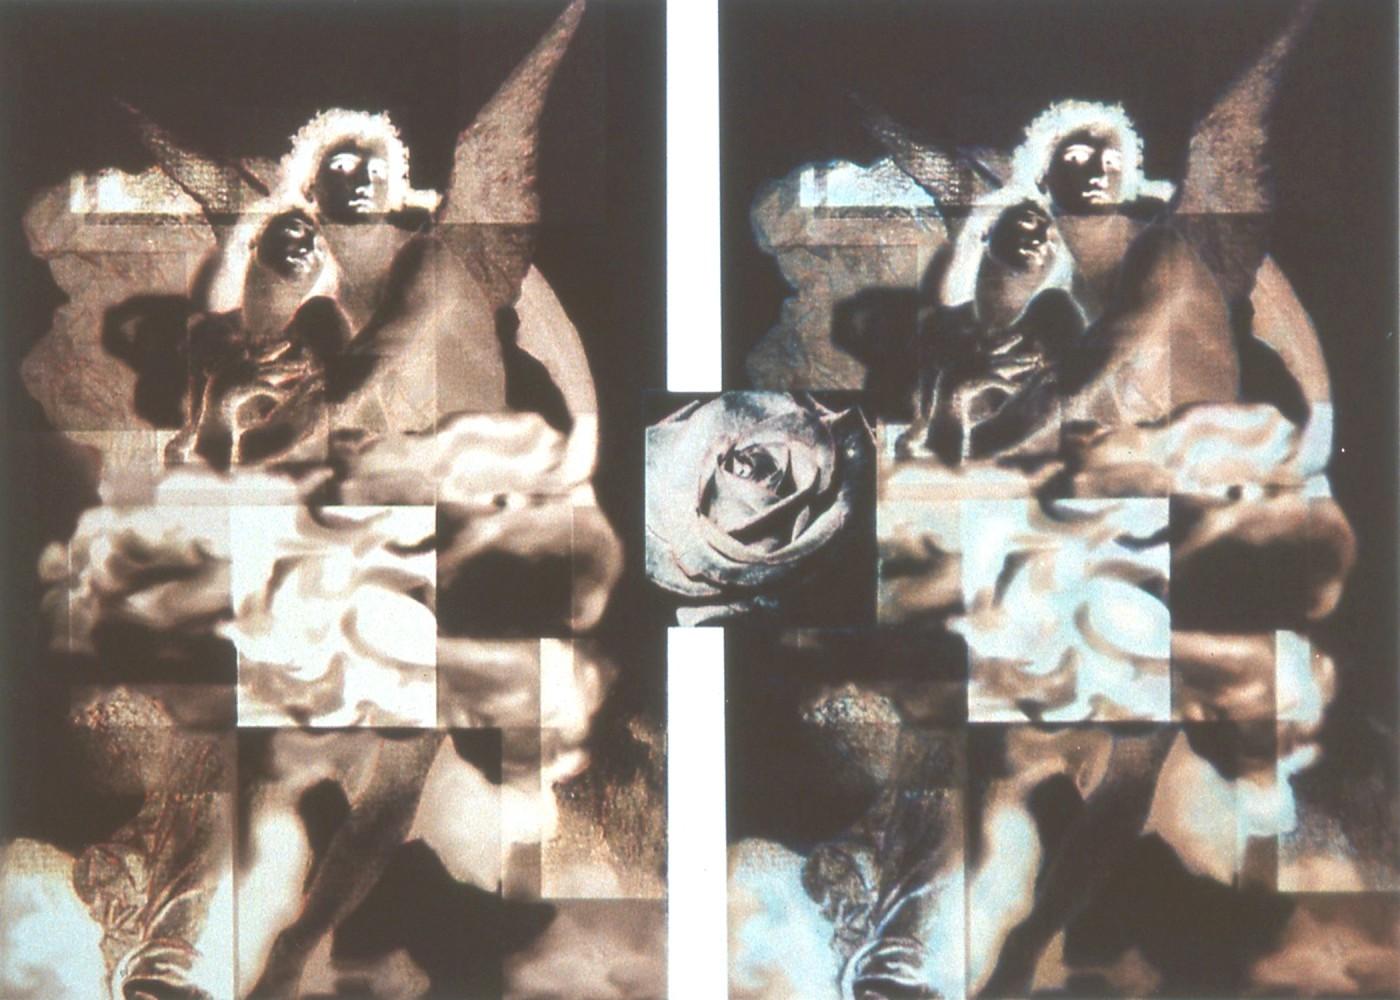 Parvaneh Radmard, </span><span><em>B16: Eternal Growths, Two Angels</em>, </span><span>2013